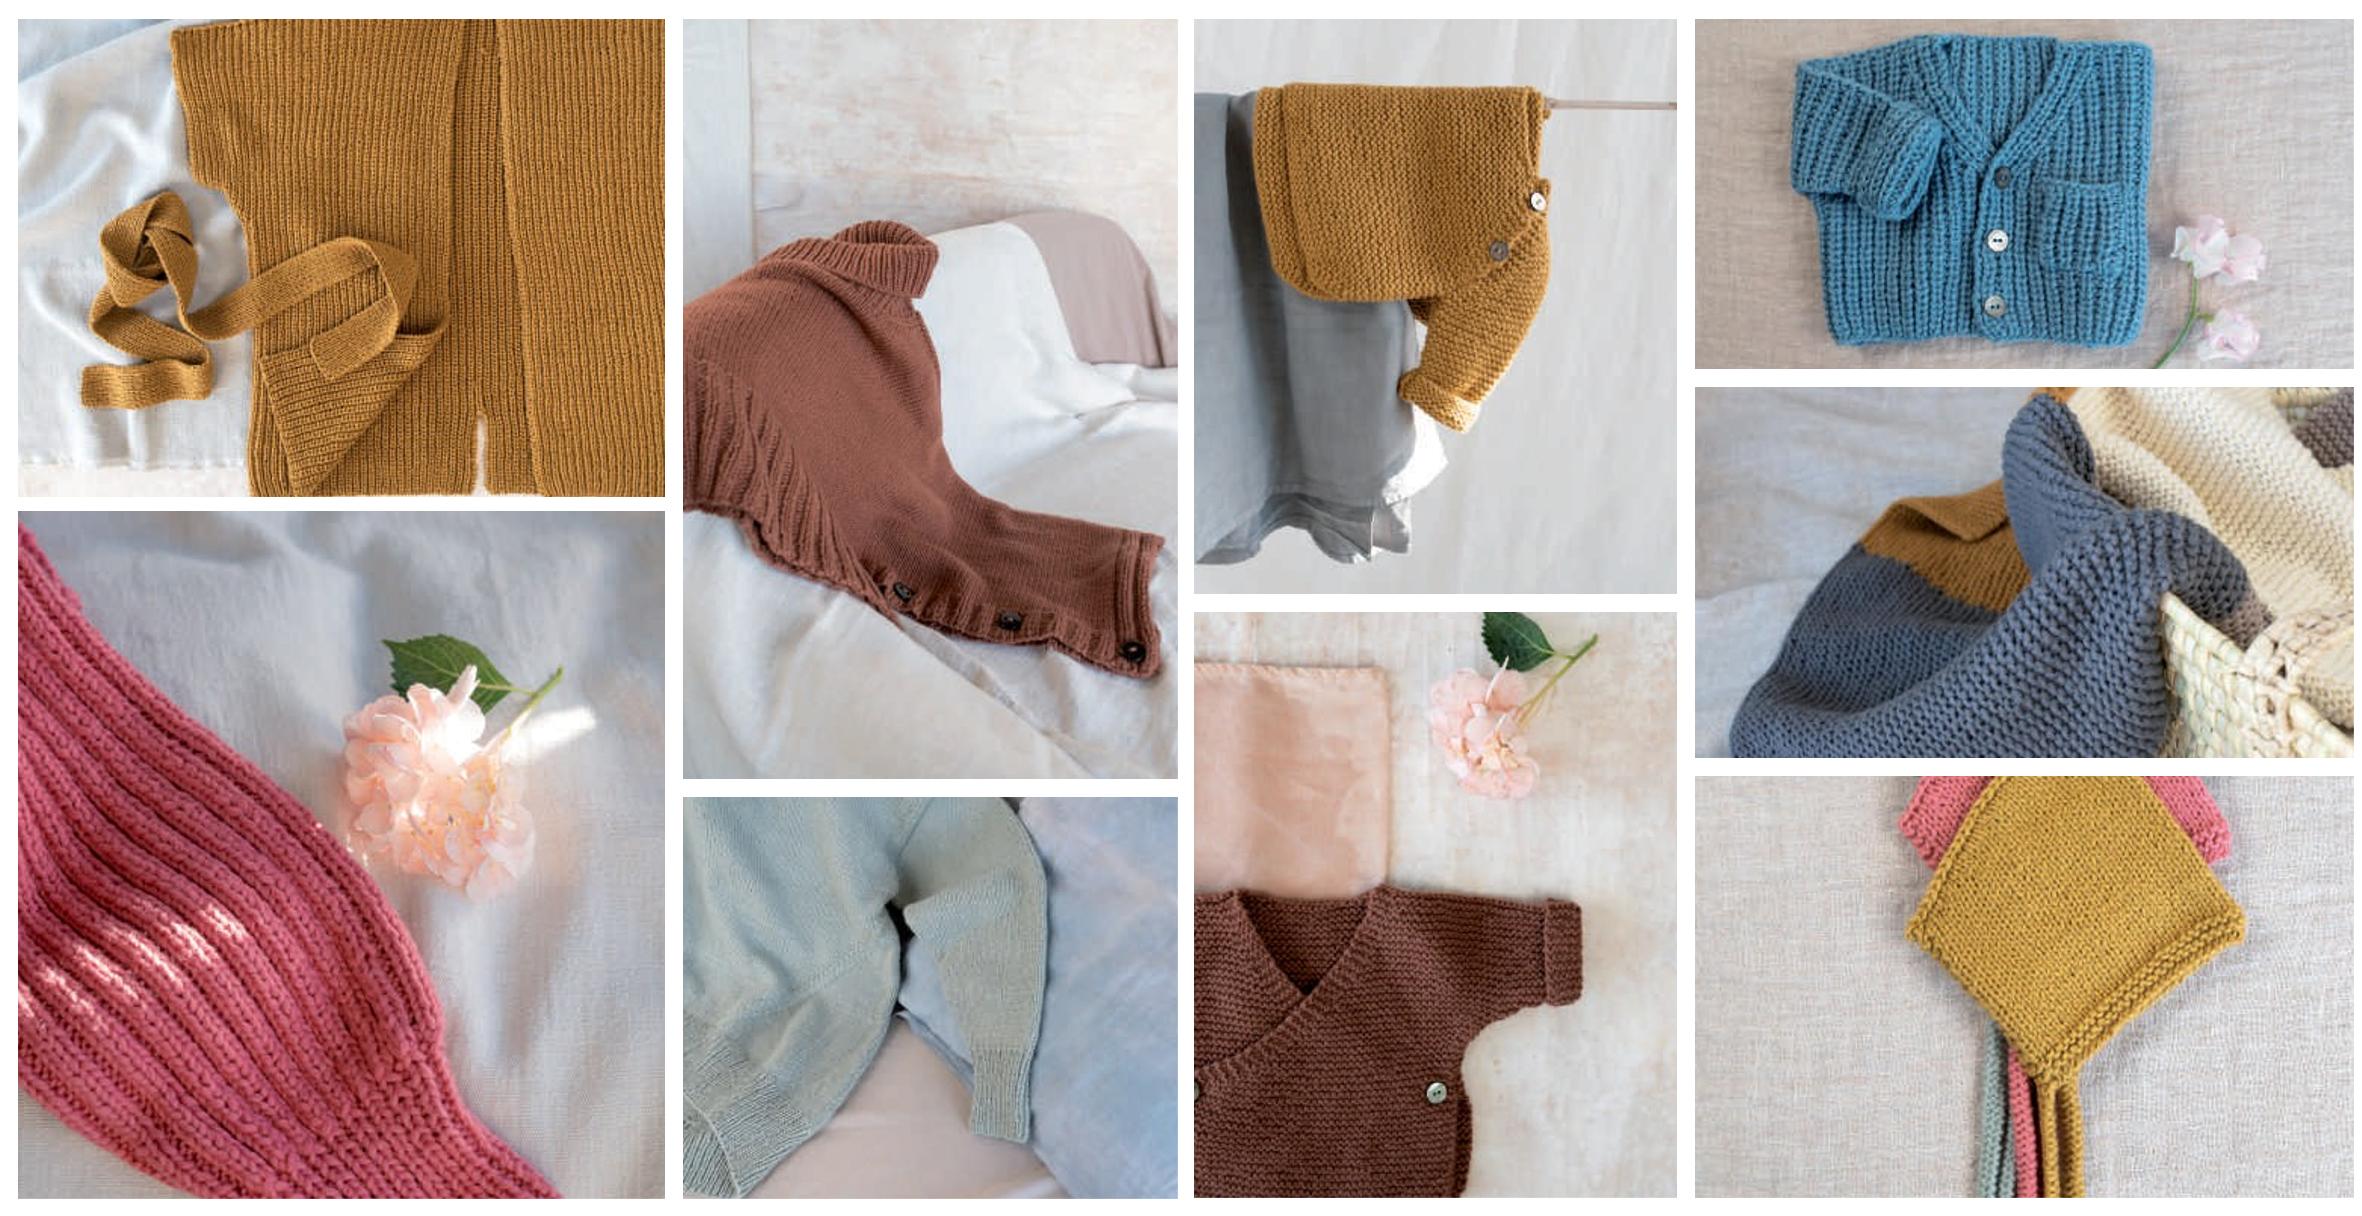 Bloom at Rowan - Book One Cotton Wool verkrijgbaar bij de Afstap Amsterdam